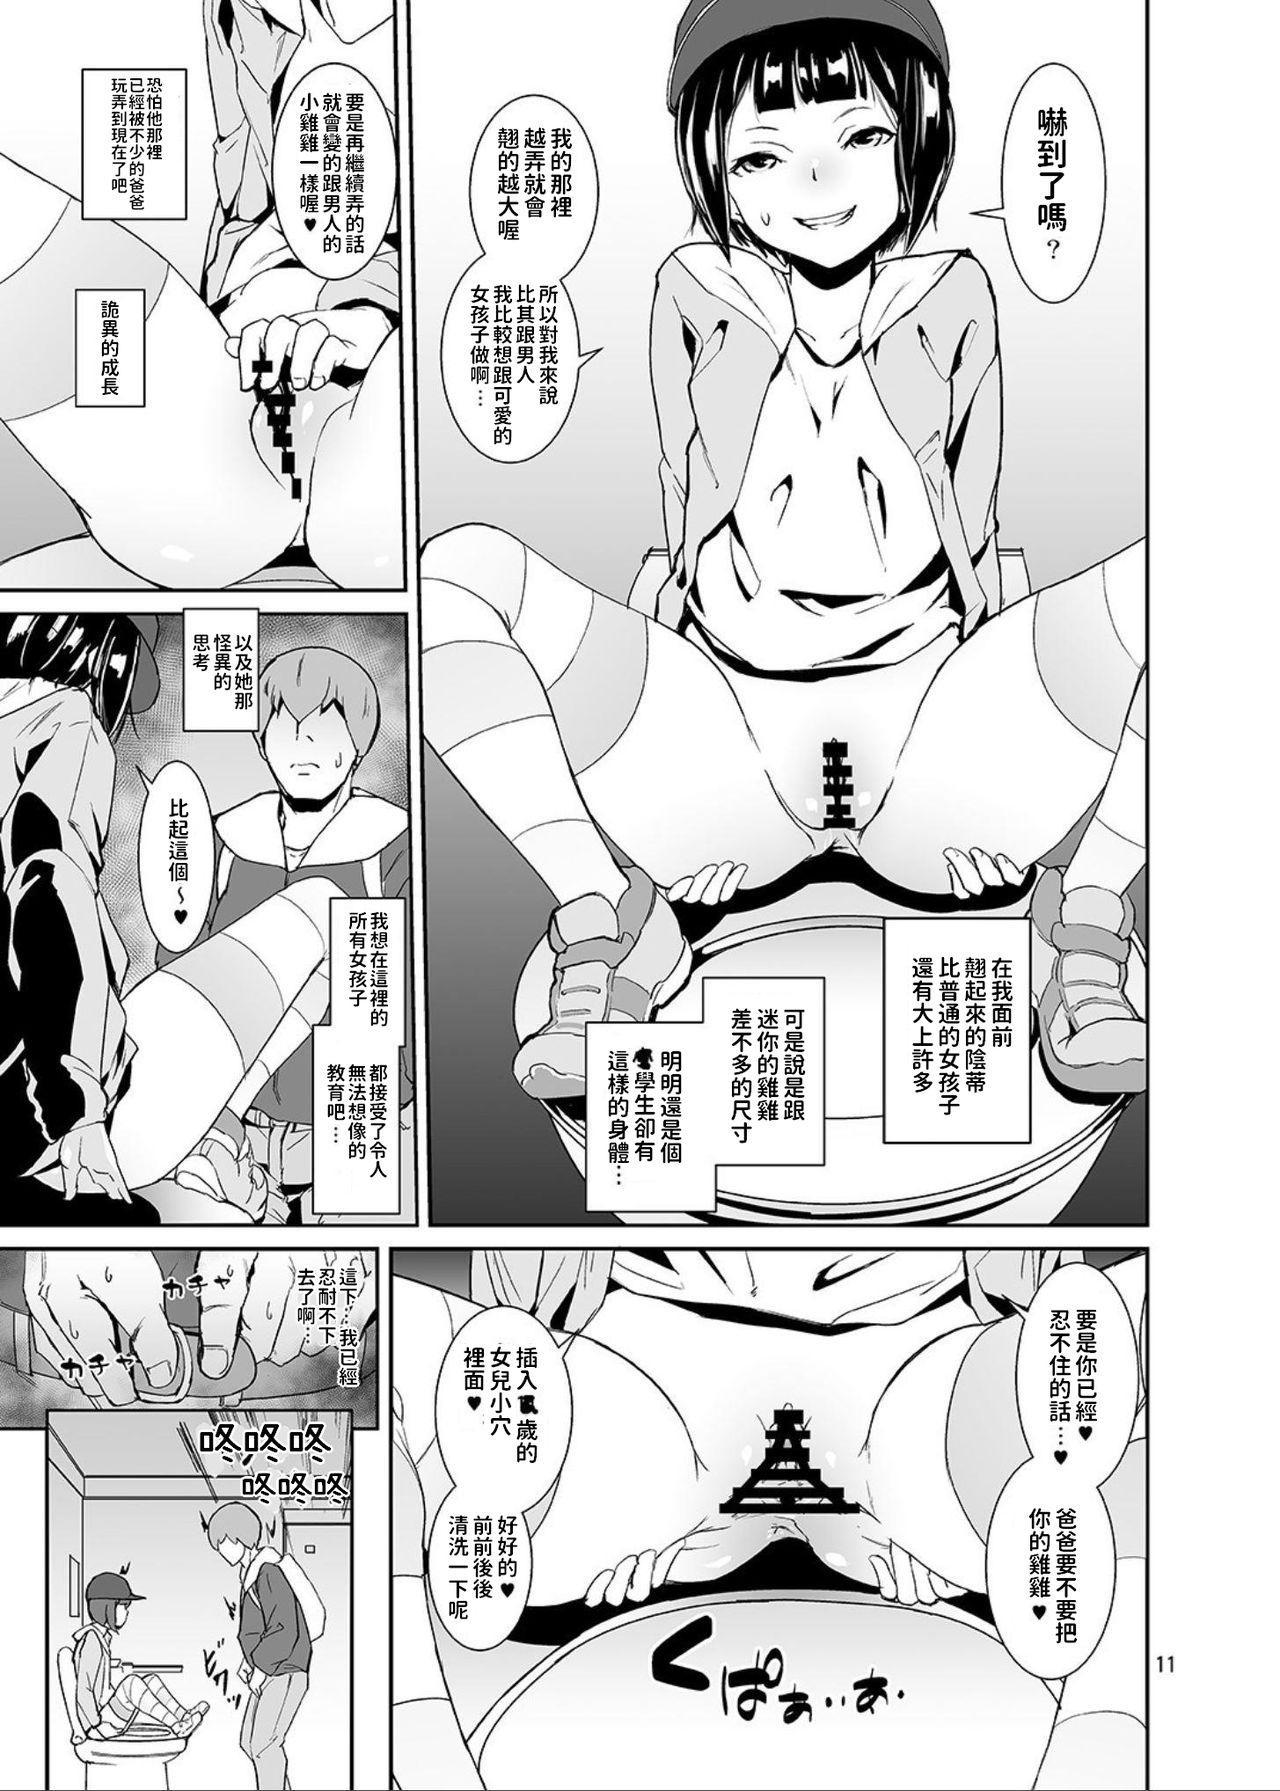 Himitsu no Otomarikai 9